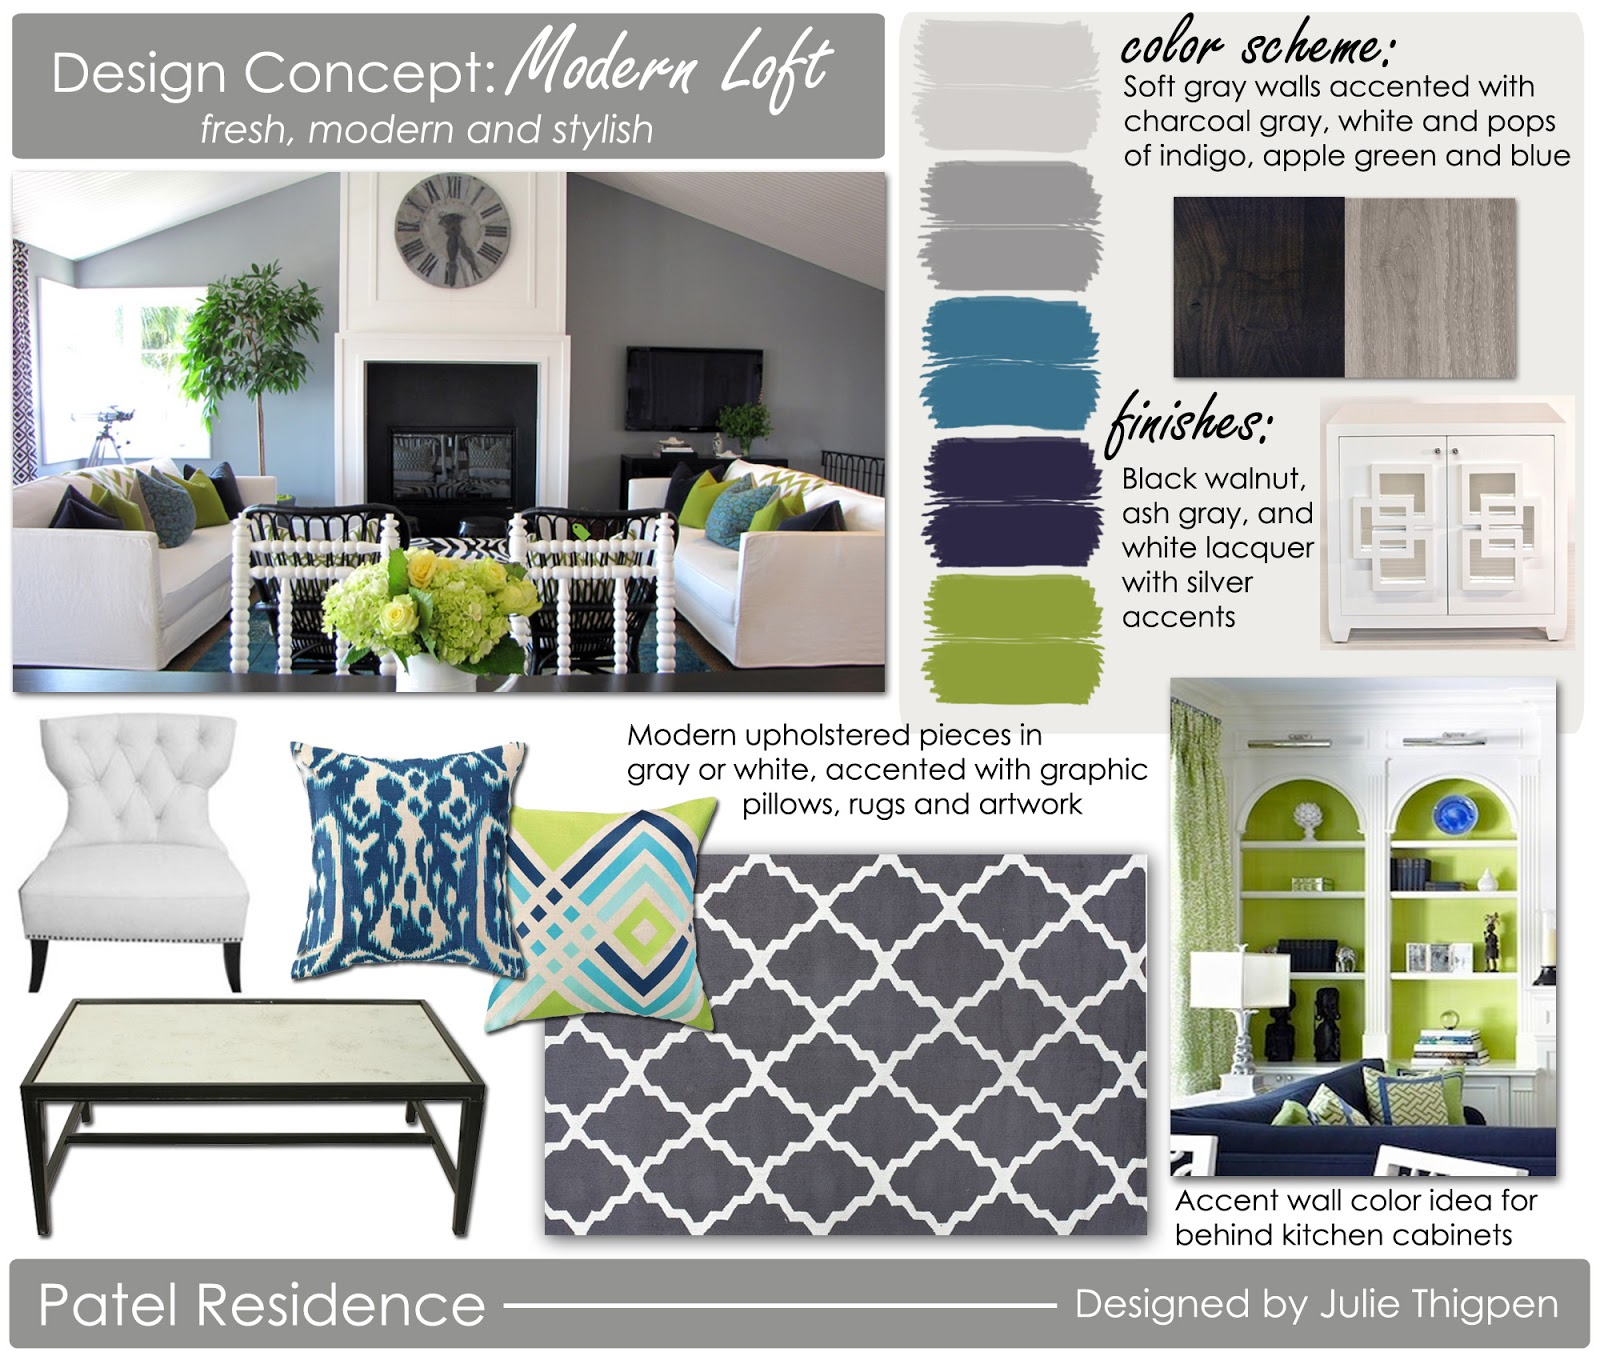 Belle Maison: New Client Project: Color Scheme Inspiration